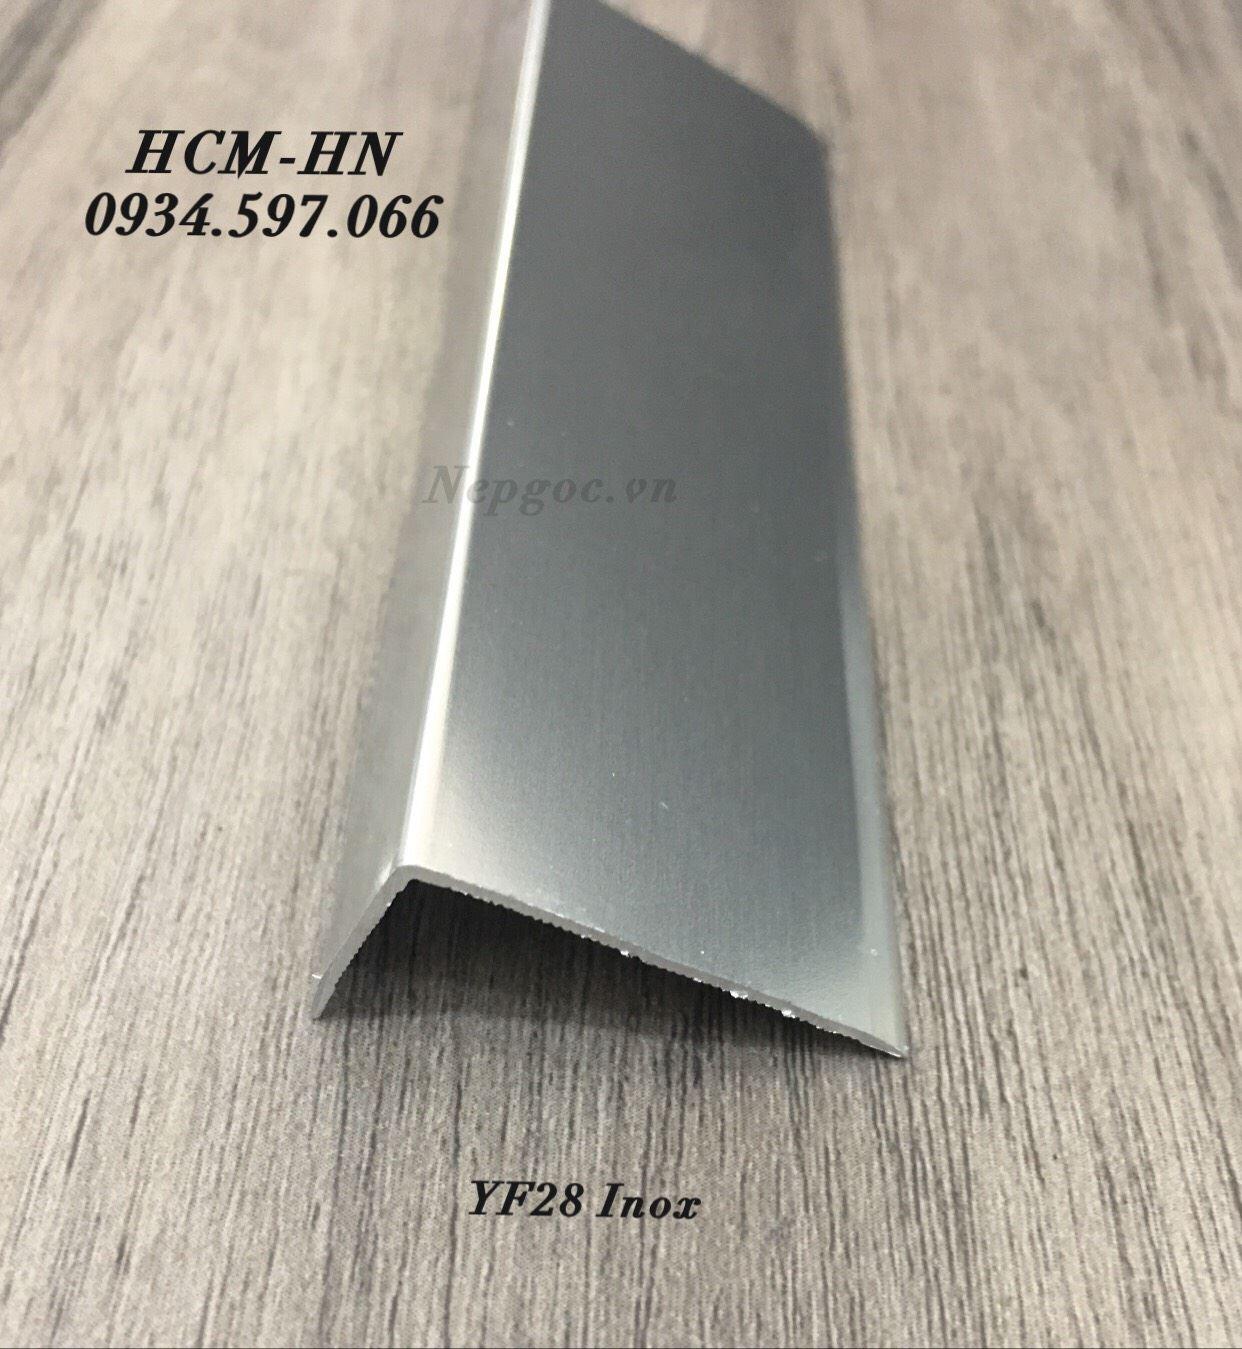 Nẹp nhôm góc ngoài YF28- nẹp chữ L- nẹp kết thúc YF28